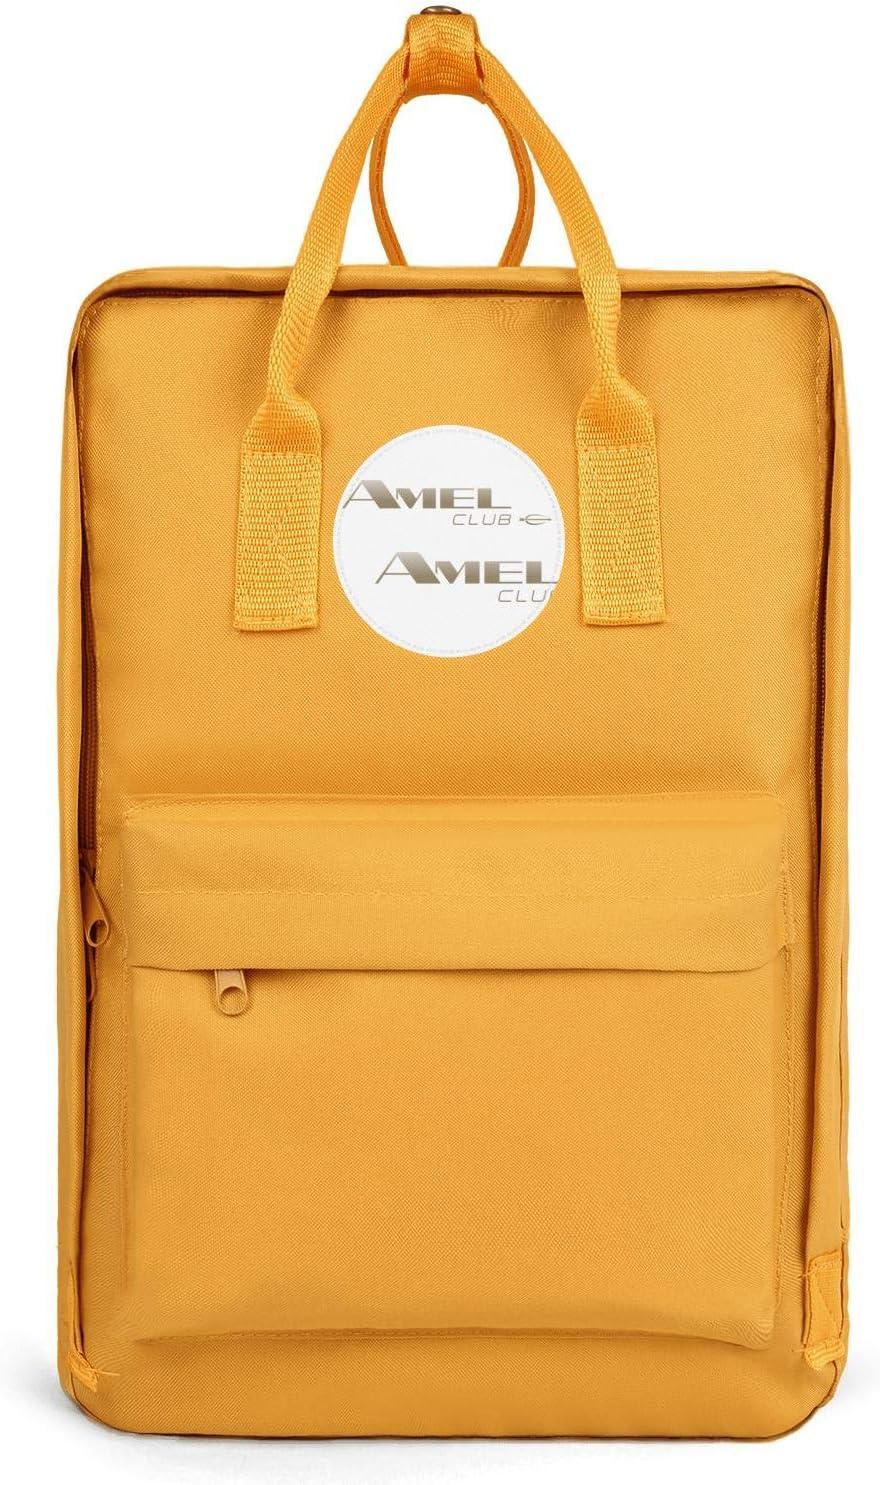 Best Mens Waterproof Backpacks Amel-Yachts-logos Bookbags Womens Oxford School Bag